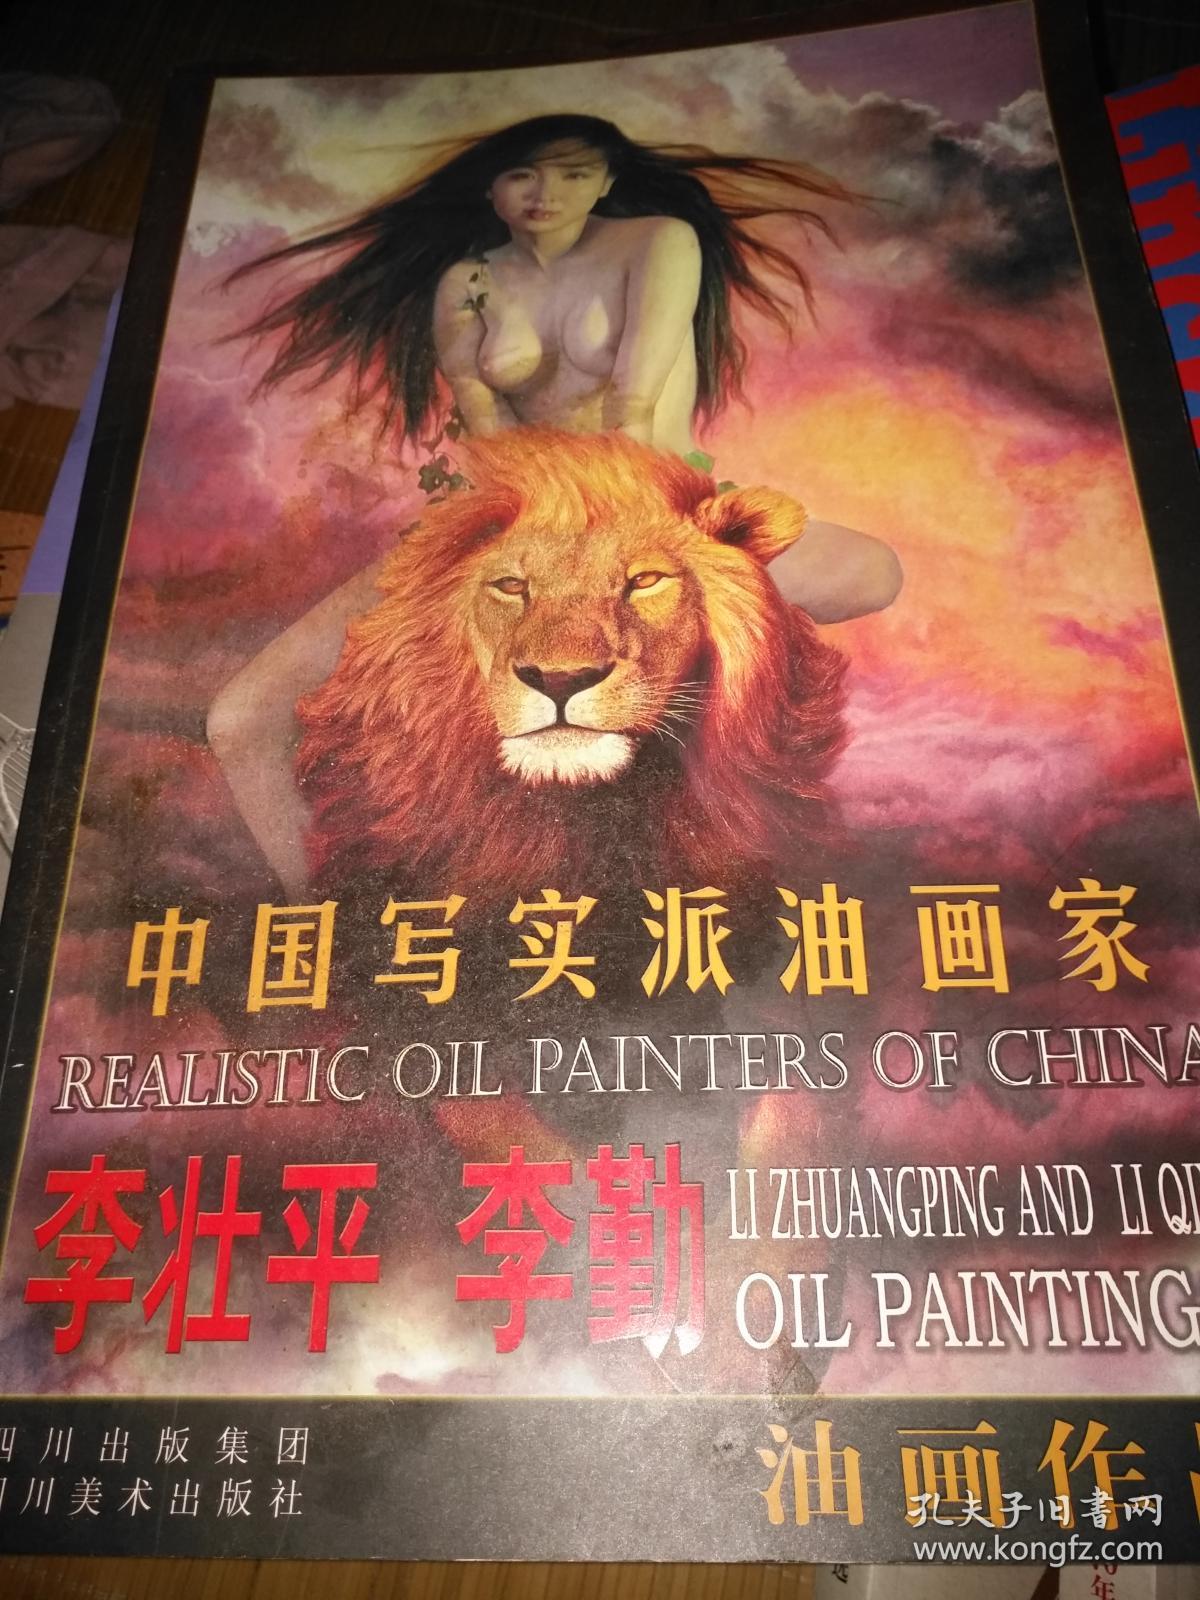 中国写实派油画家李壮平 李勤东方神女山鬼系列油画作品 喜欢收藏的图片